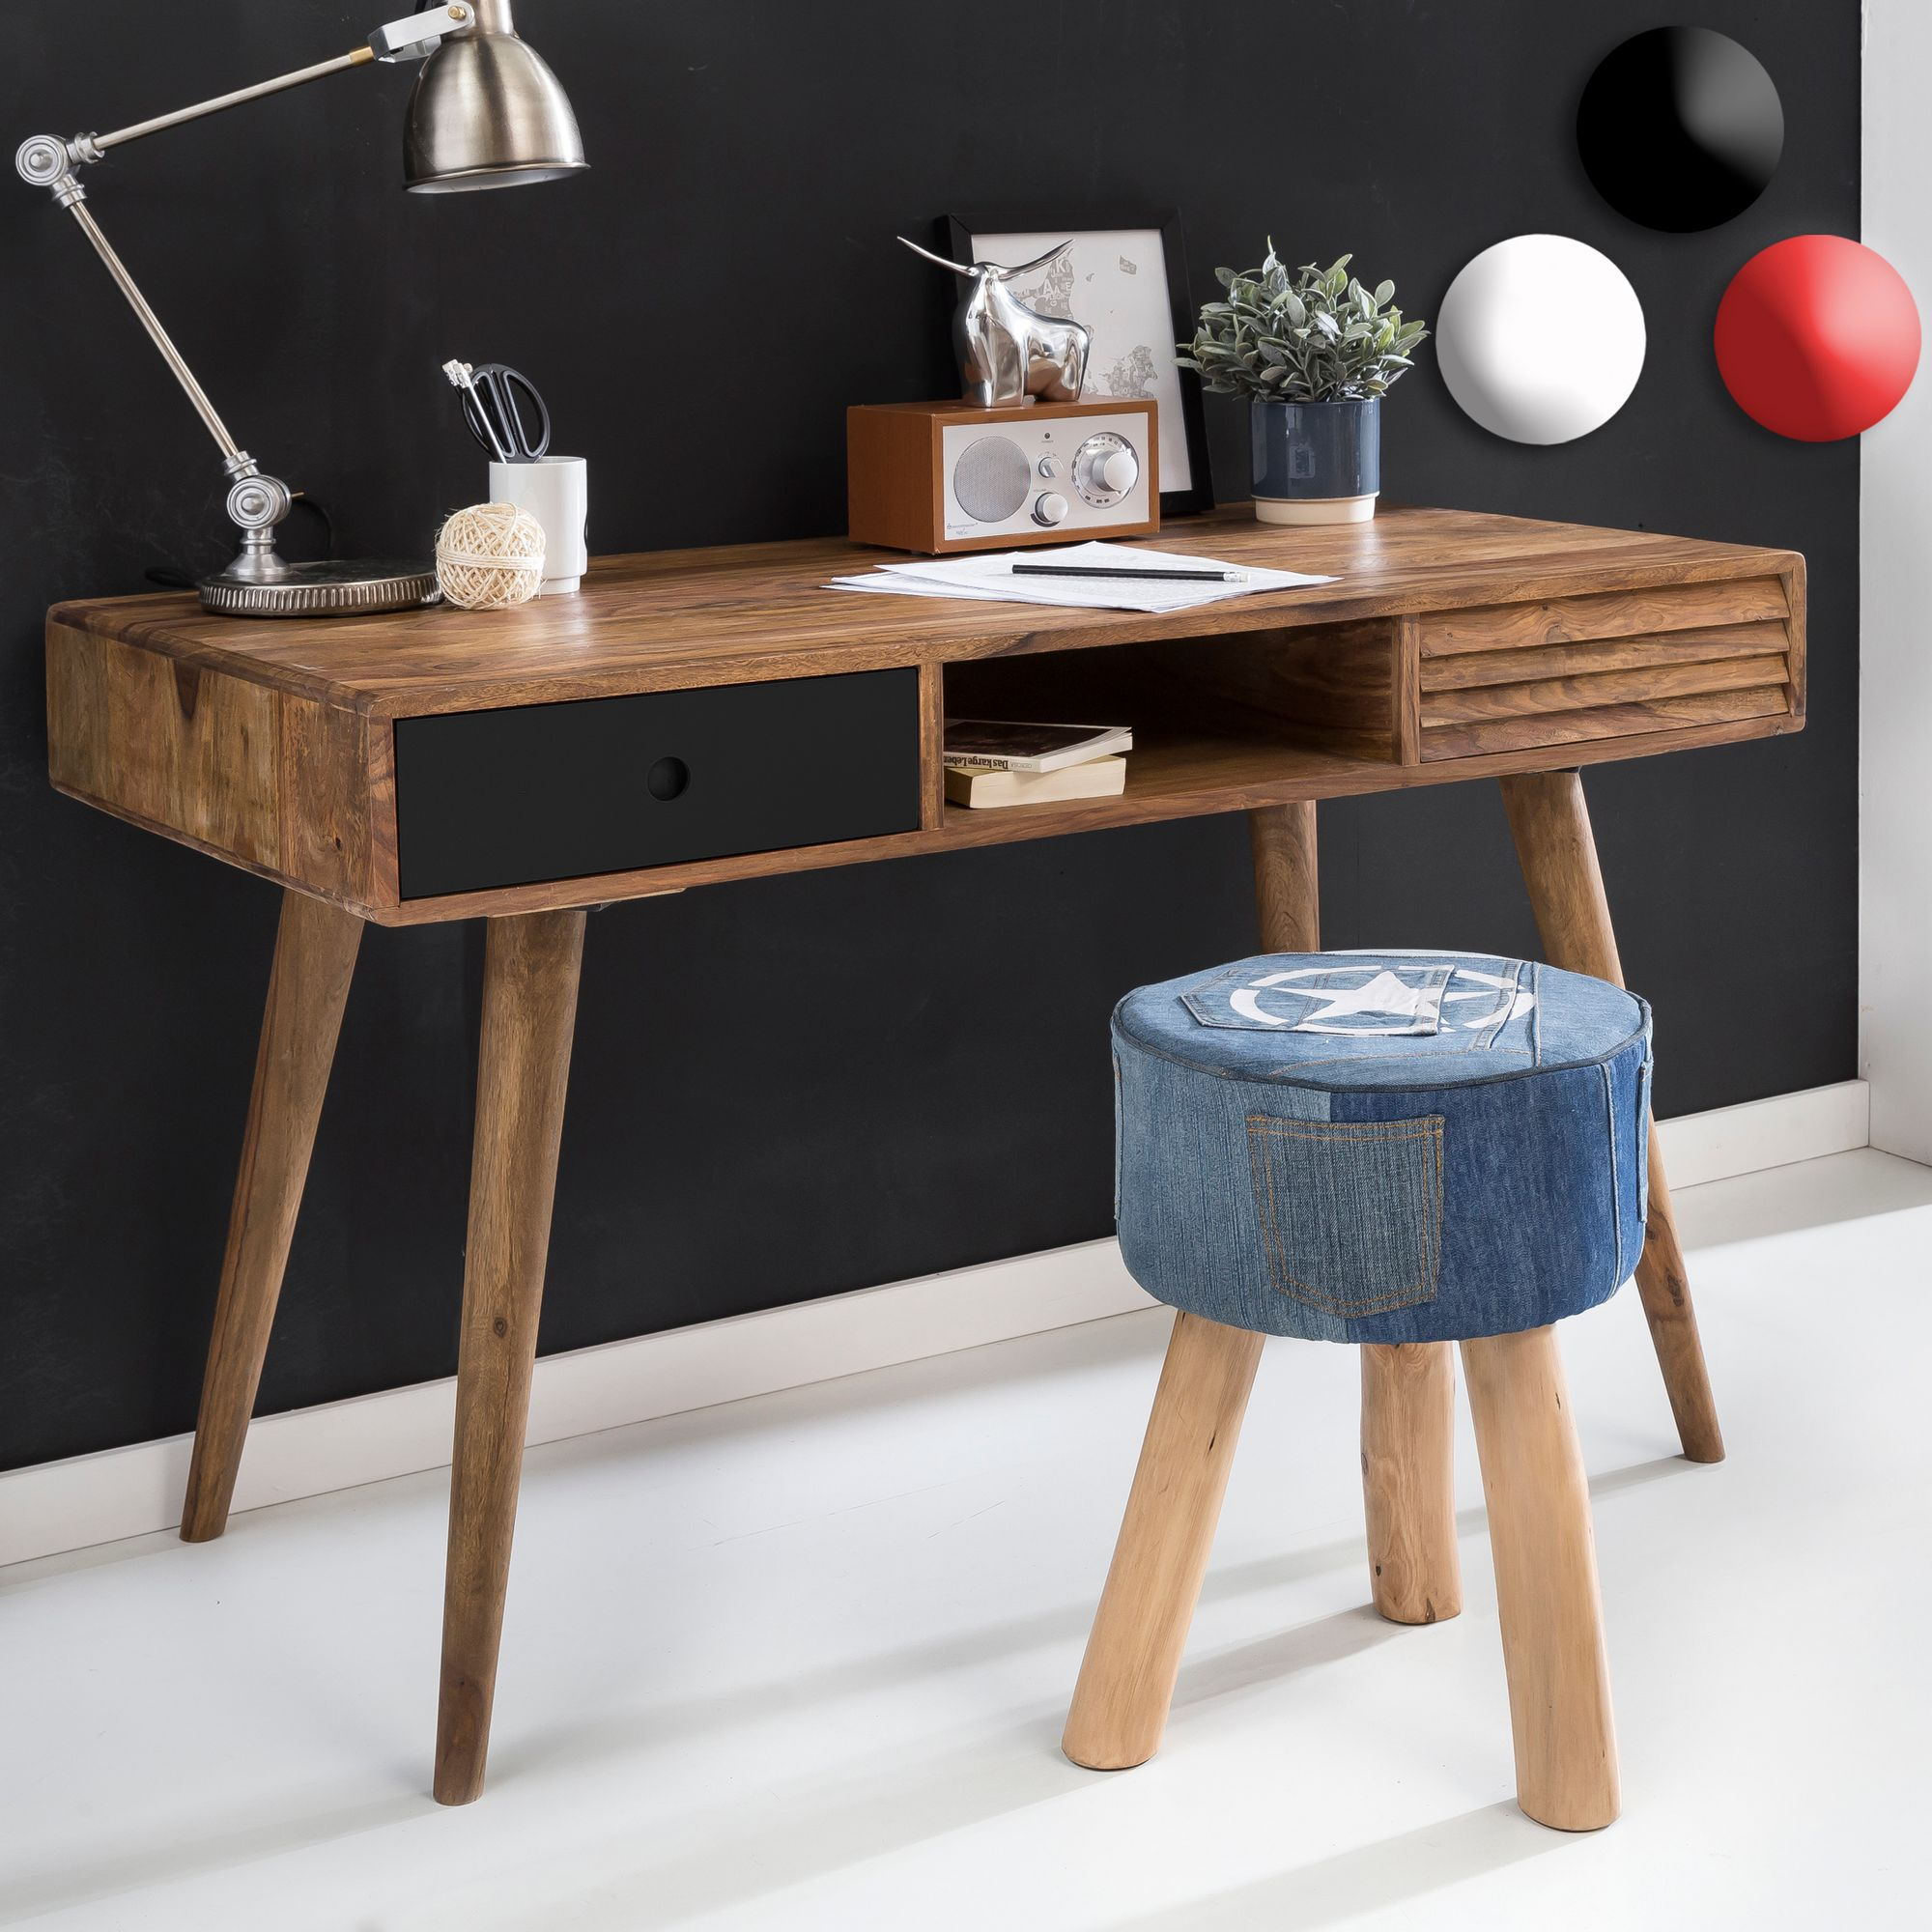 Schreibtisch design holz  Design Retro Schreibtisch Sheesham Holz 2 Schubladen Tisch Holztisch 120cm